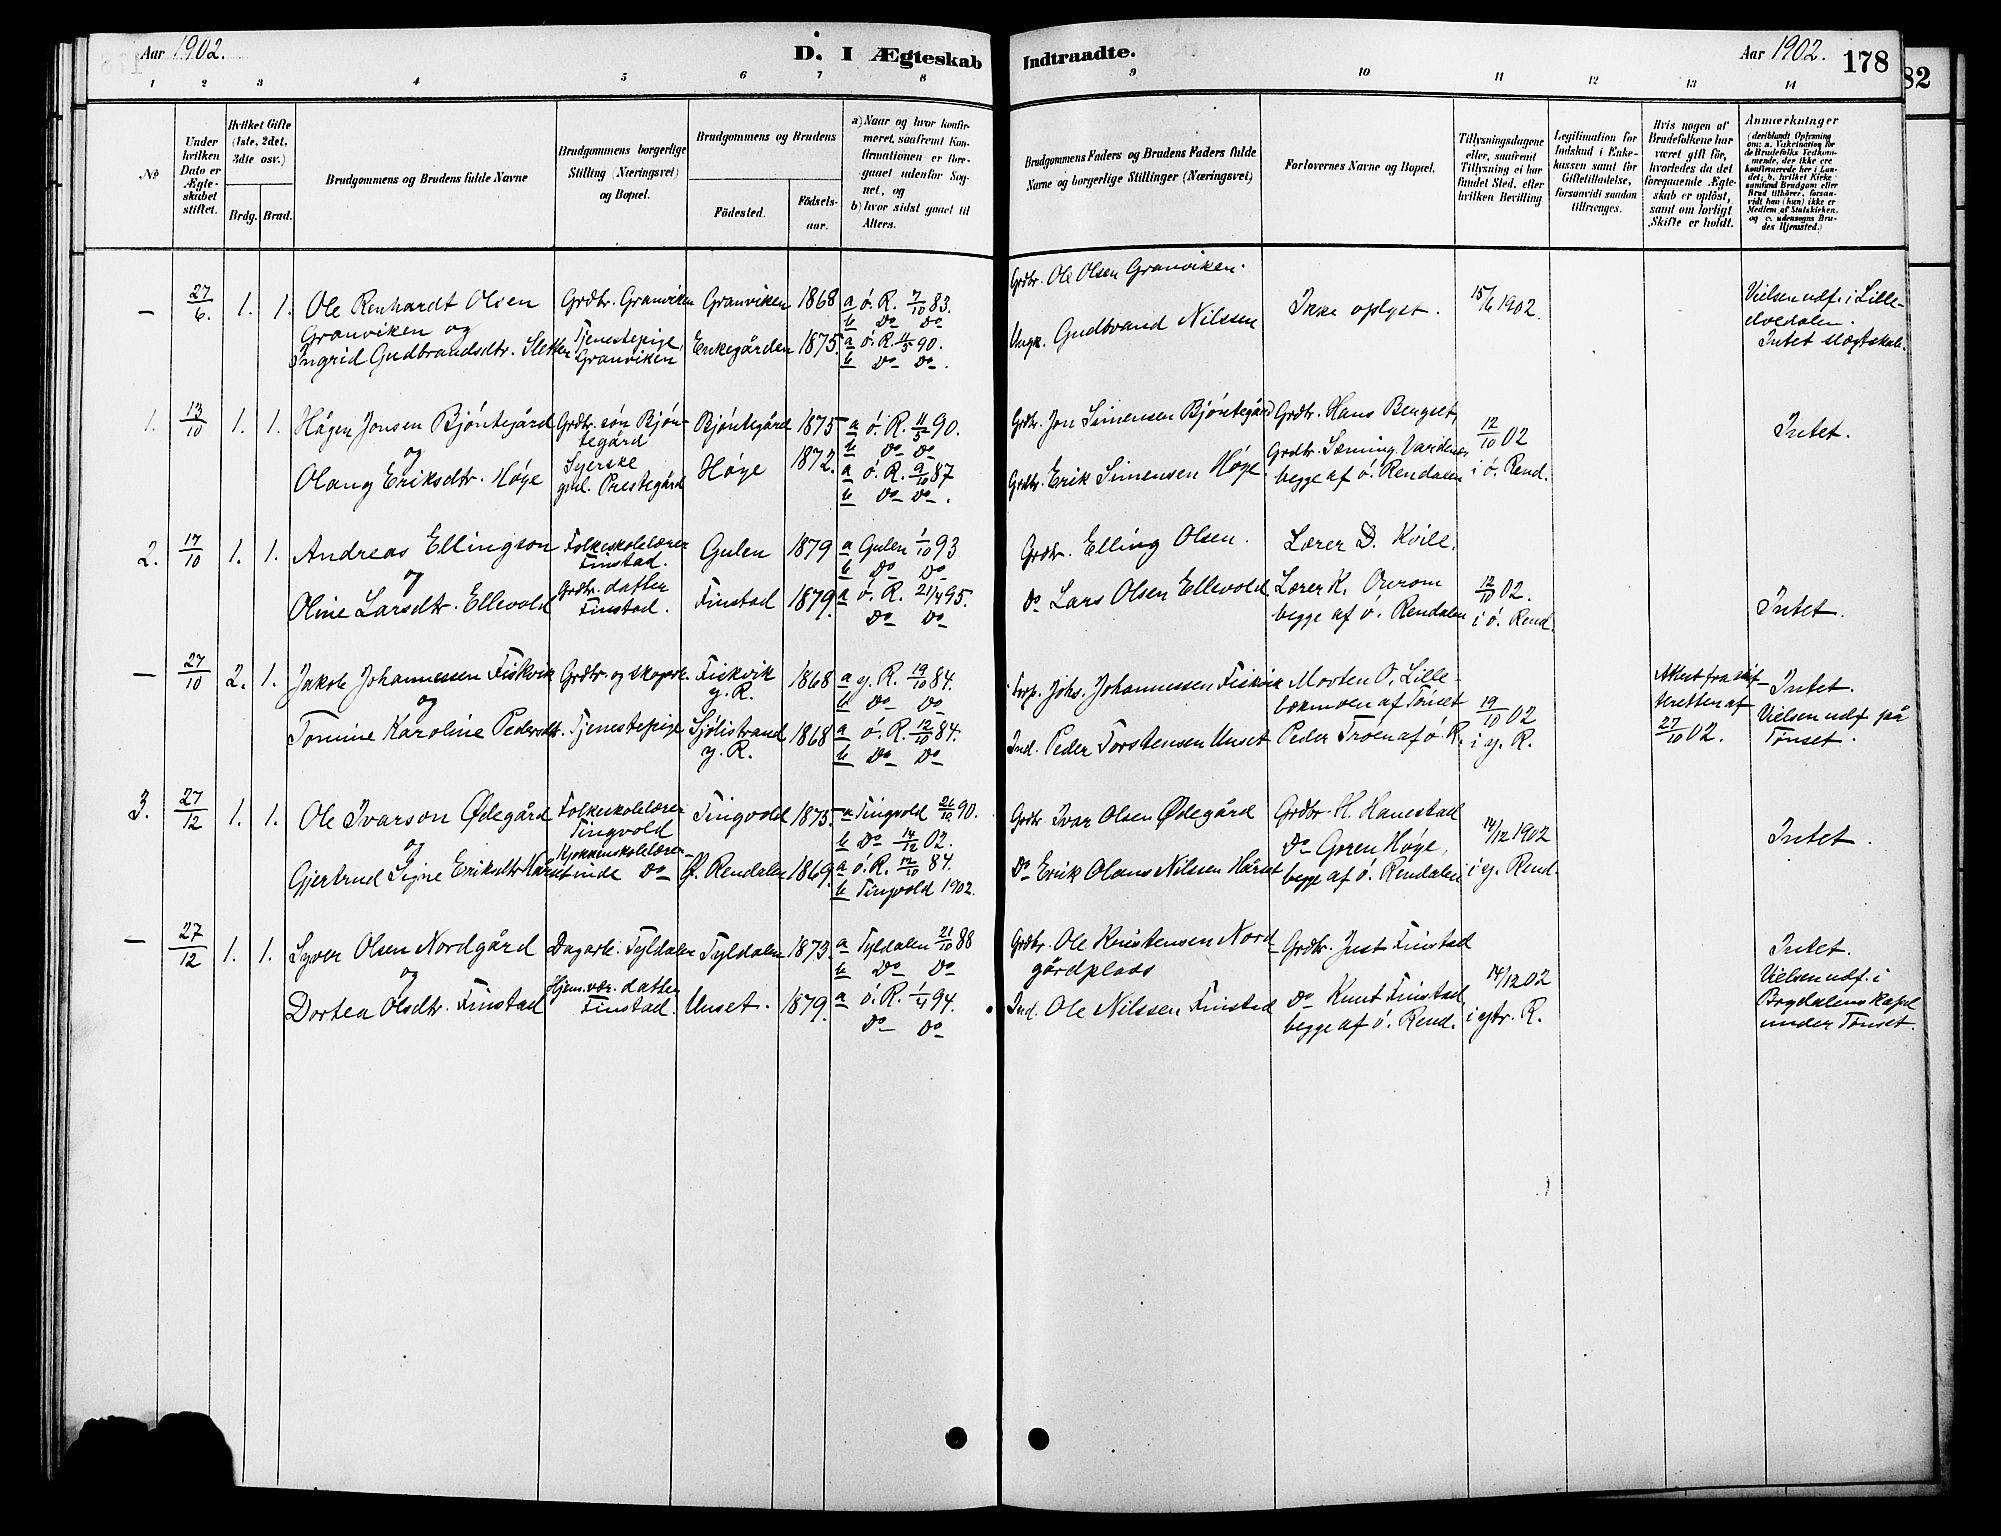 SAH, Rendalen prestekontor, H/Ha/Hab/L0003: Klokkerbok nr. 3, 1879-1904, s. 178